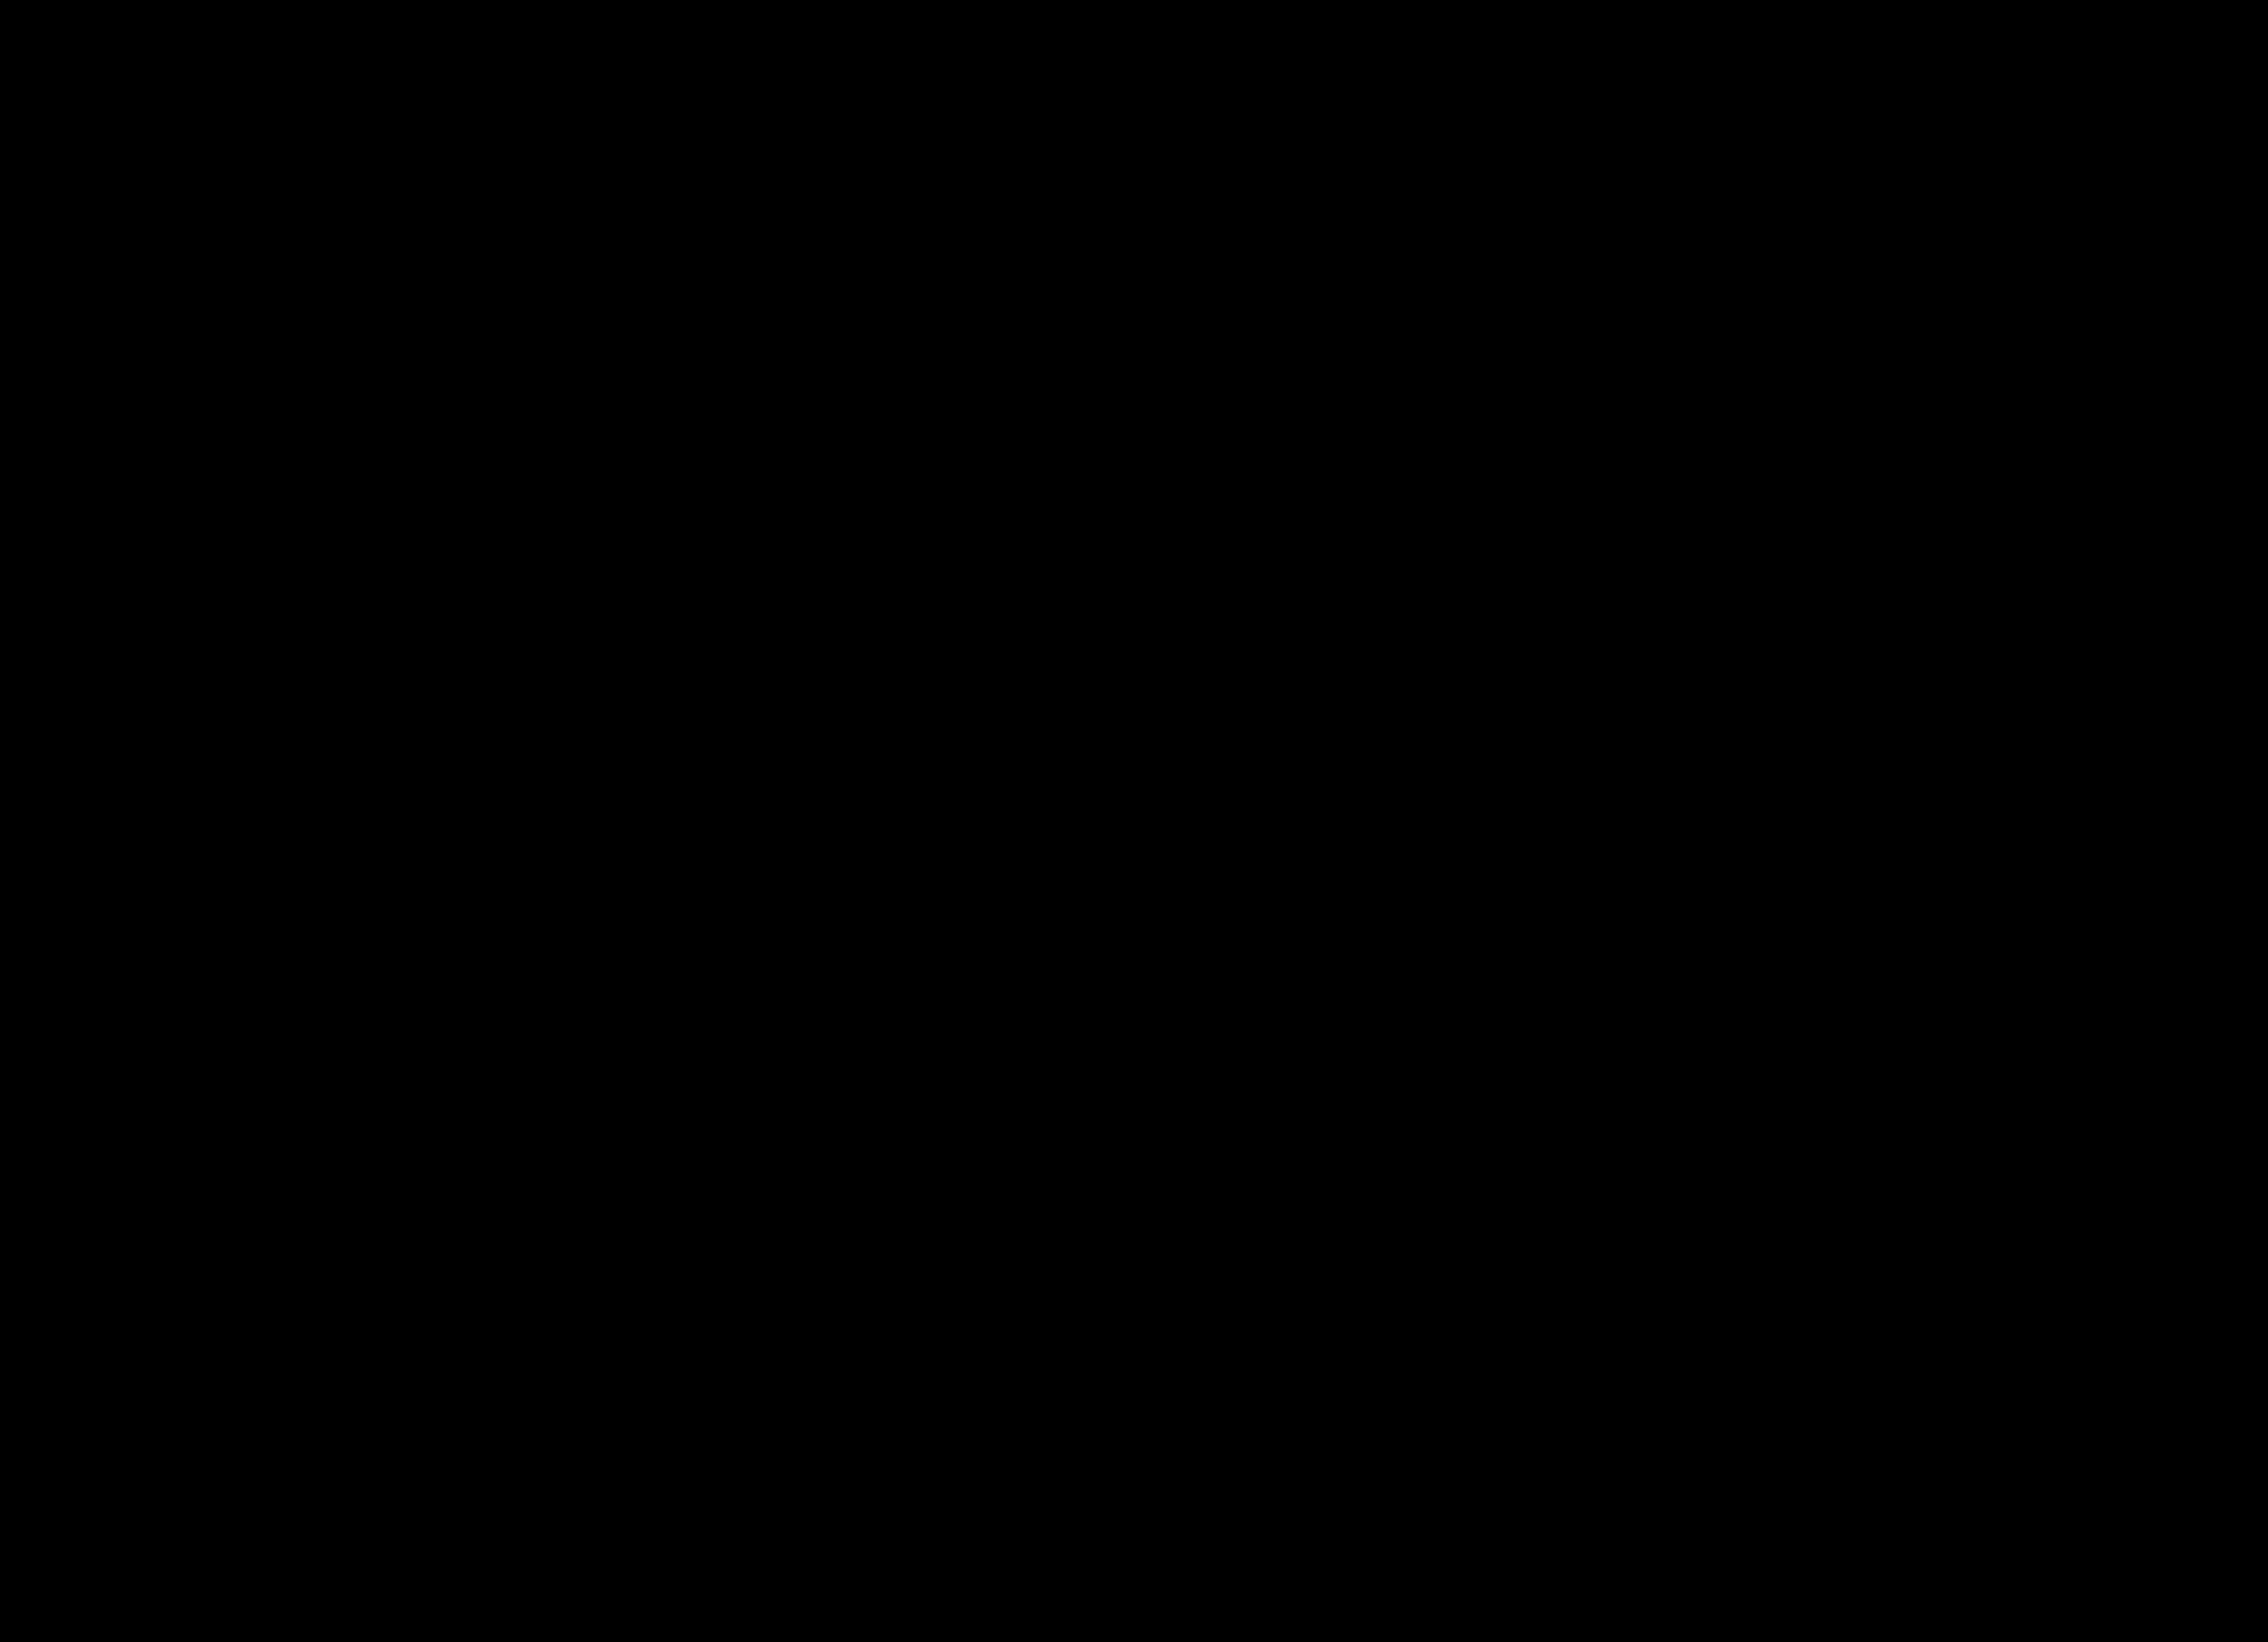 رسم بياني رقم 1. حصة التبادل التجاري القطري التركي من إجمالي حجم التبادل التجاري للبلدين من 2011 إلى 2019